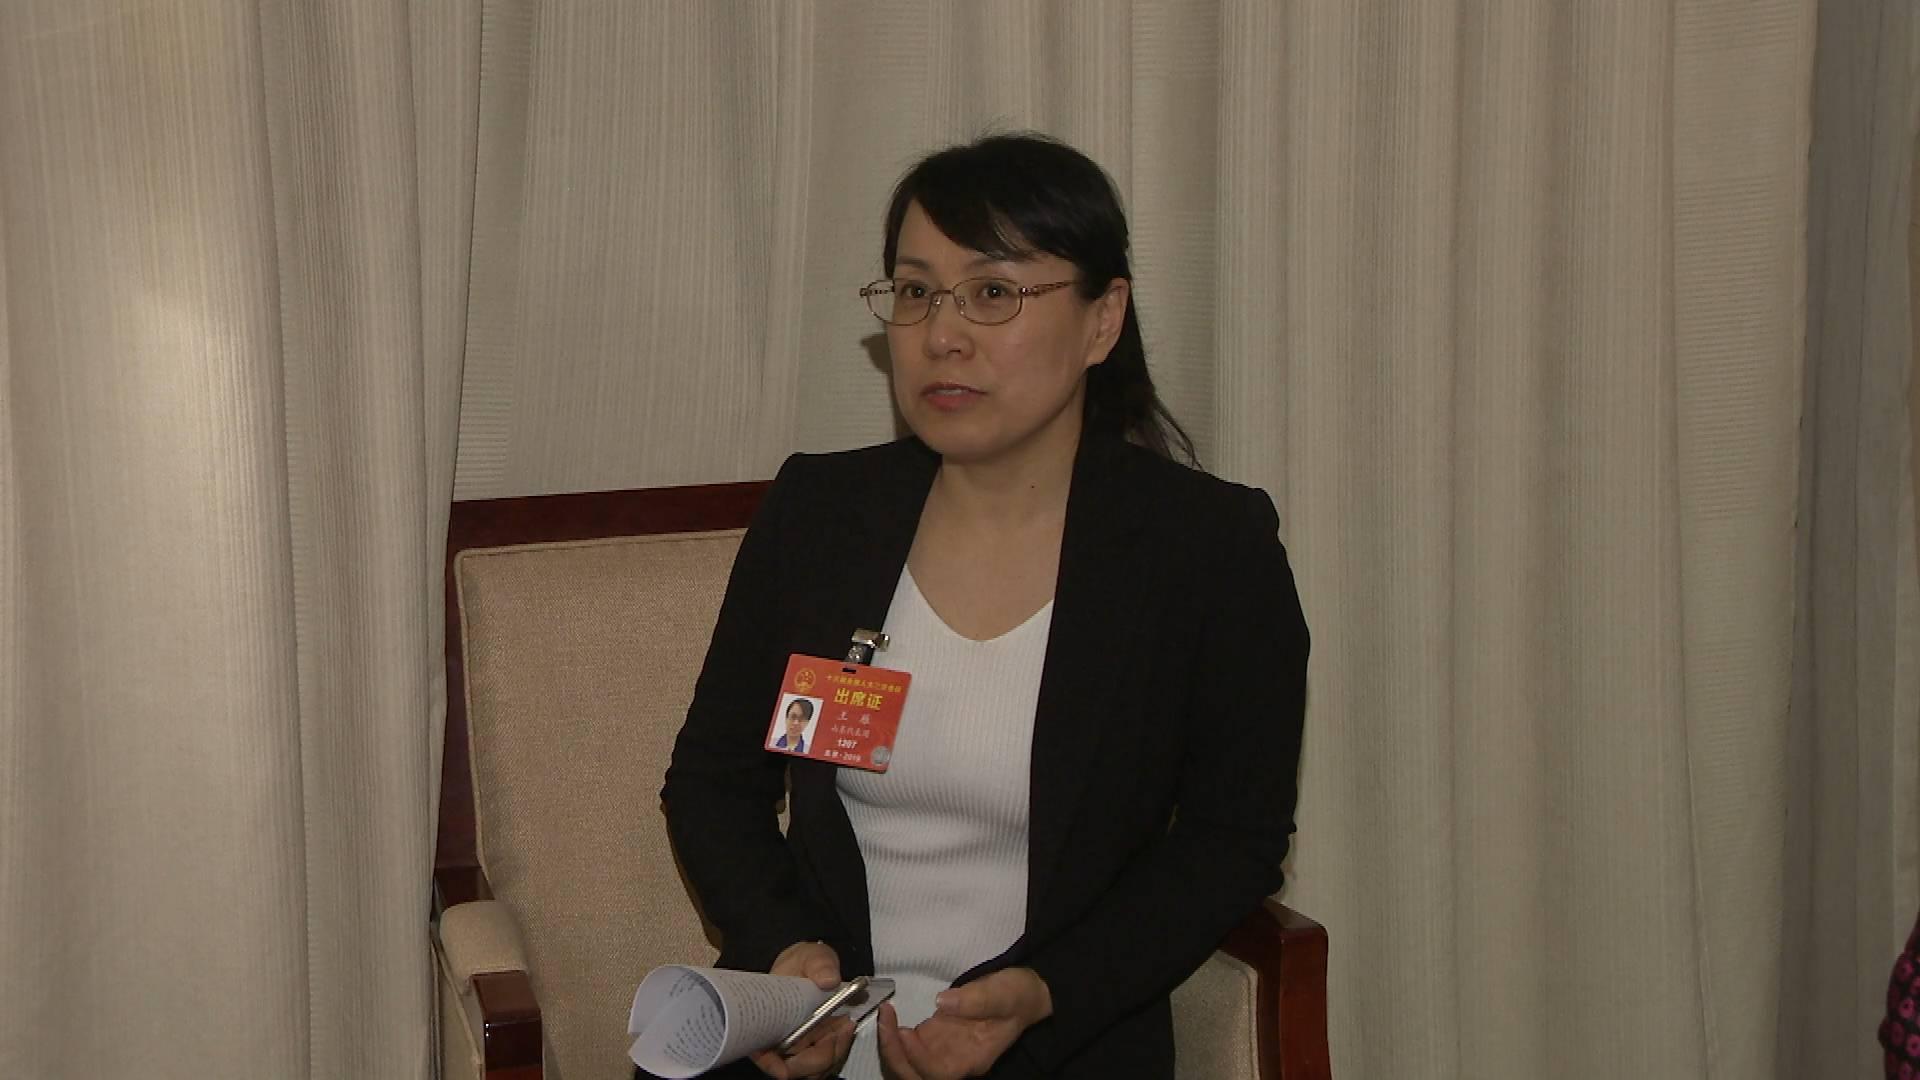 全国人大代表王雁:金融机构可以考虑把小微企业的专利权、技术等作为融资抵押物